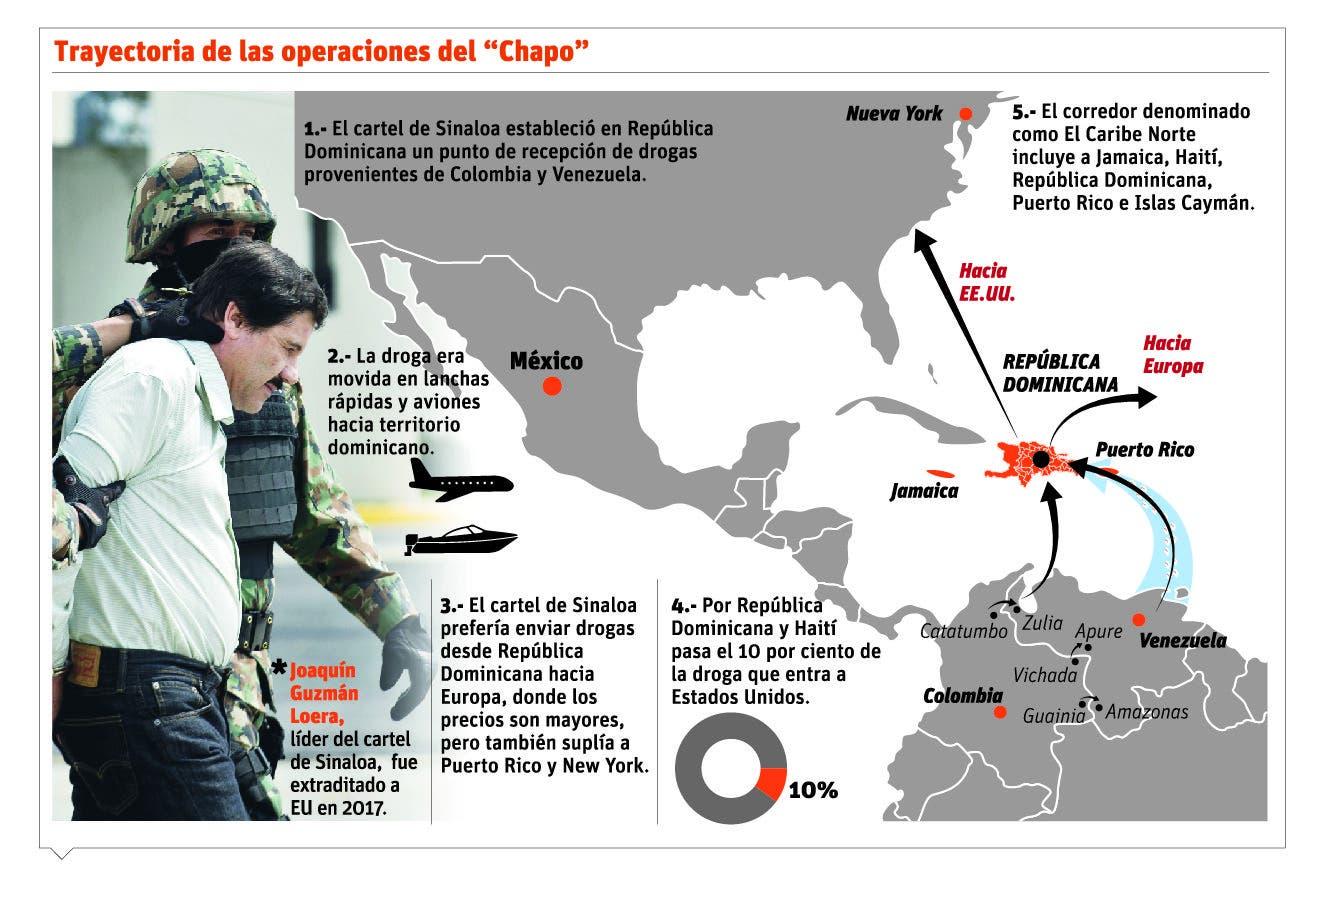 Autoridades dominicanas sabían de conexiones 'del Chapo' en el país desde 2014